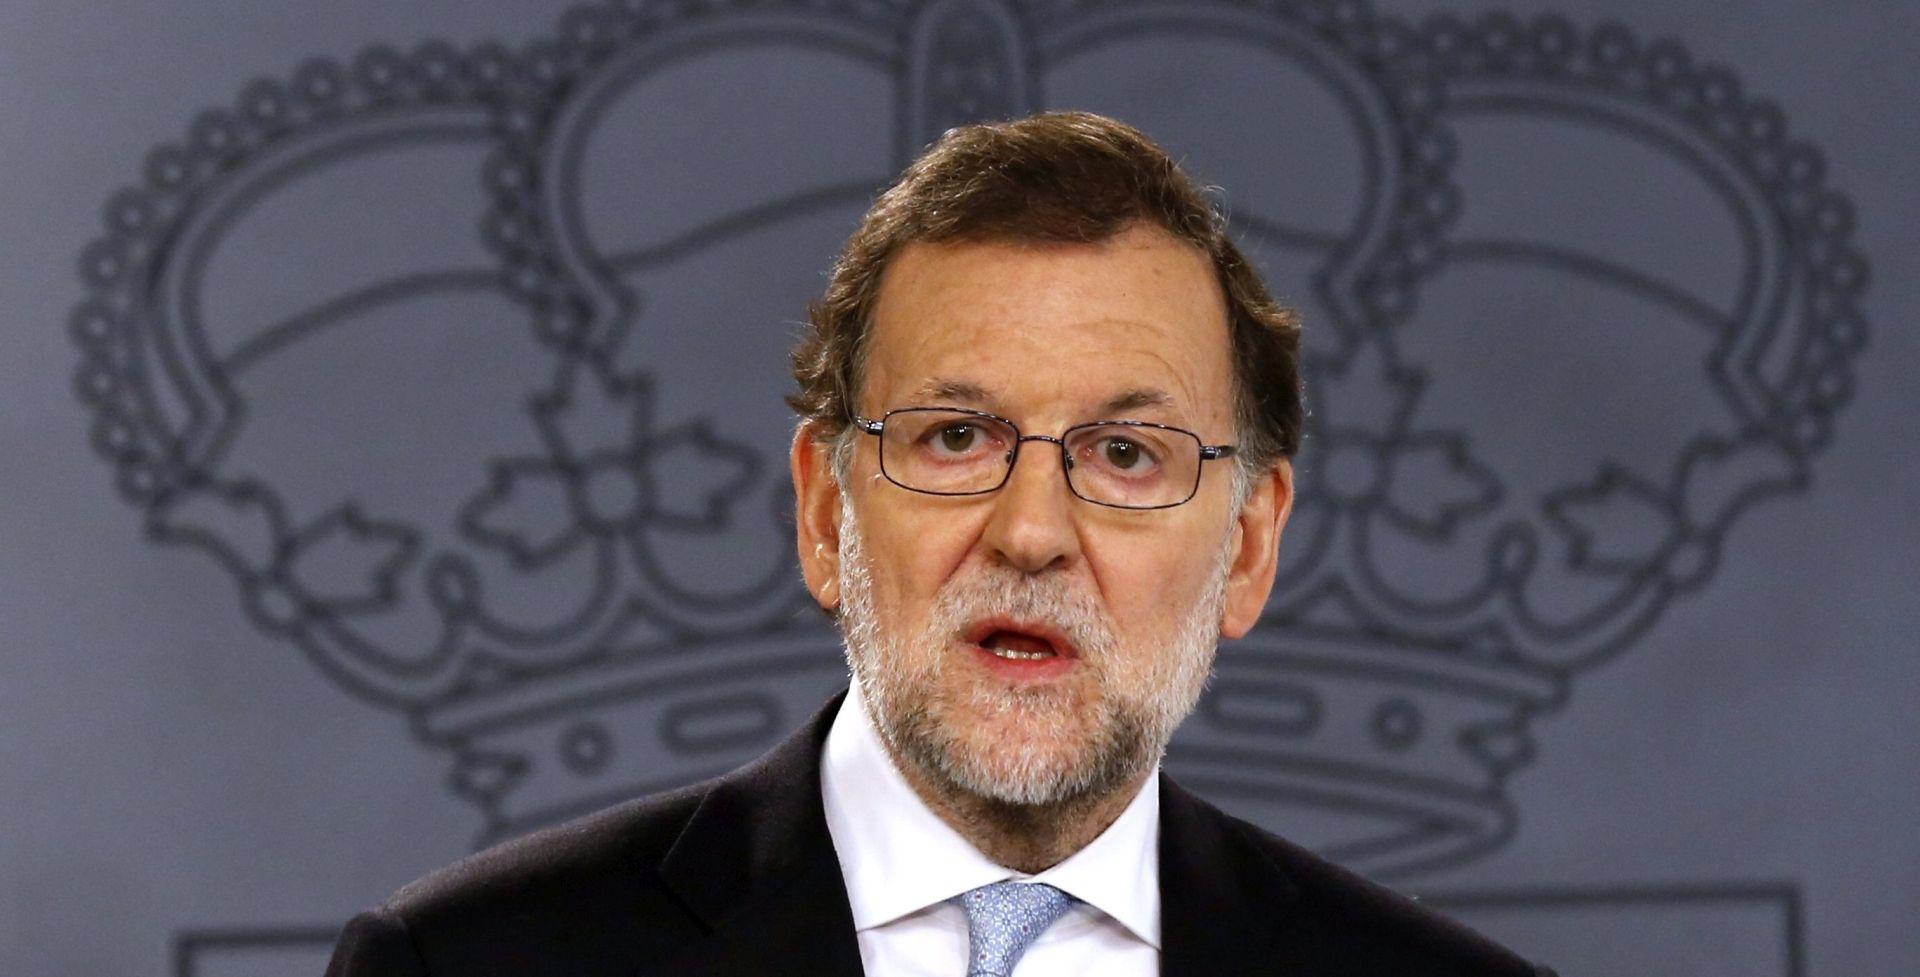 ŠPANJOLSKA Rajoy poziva na savez istomišljenika